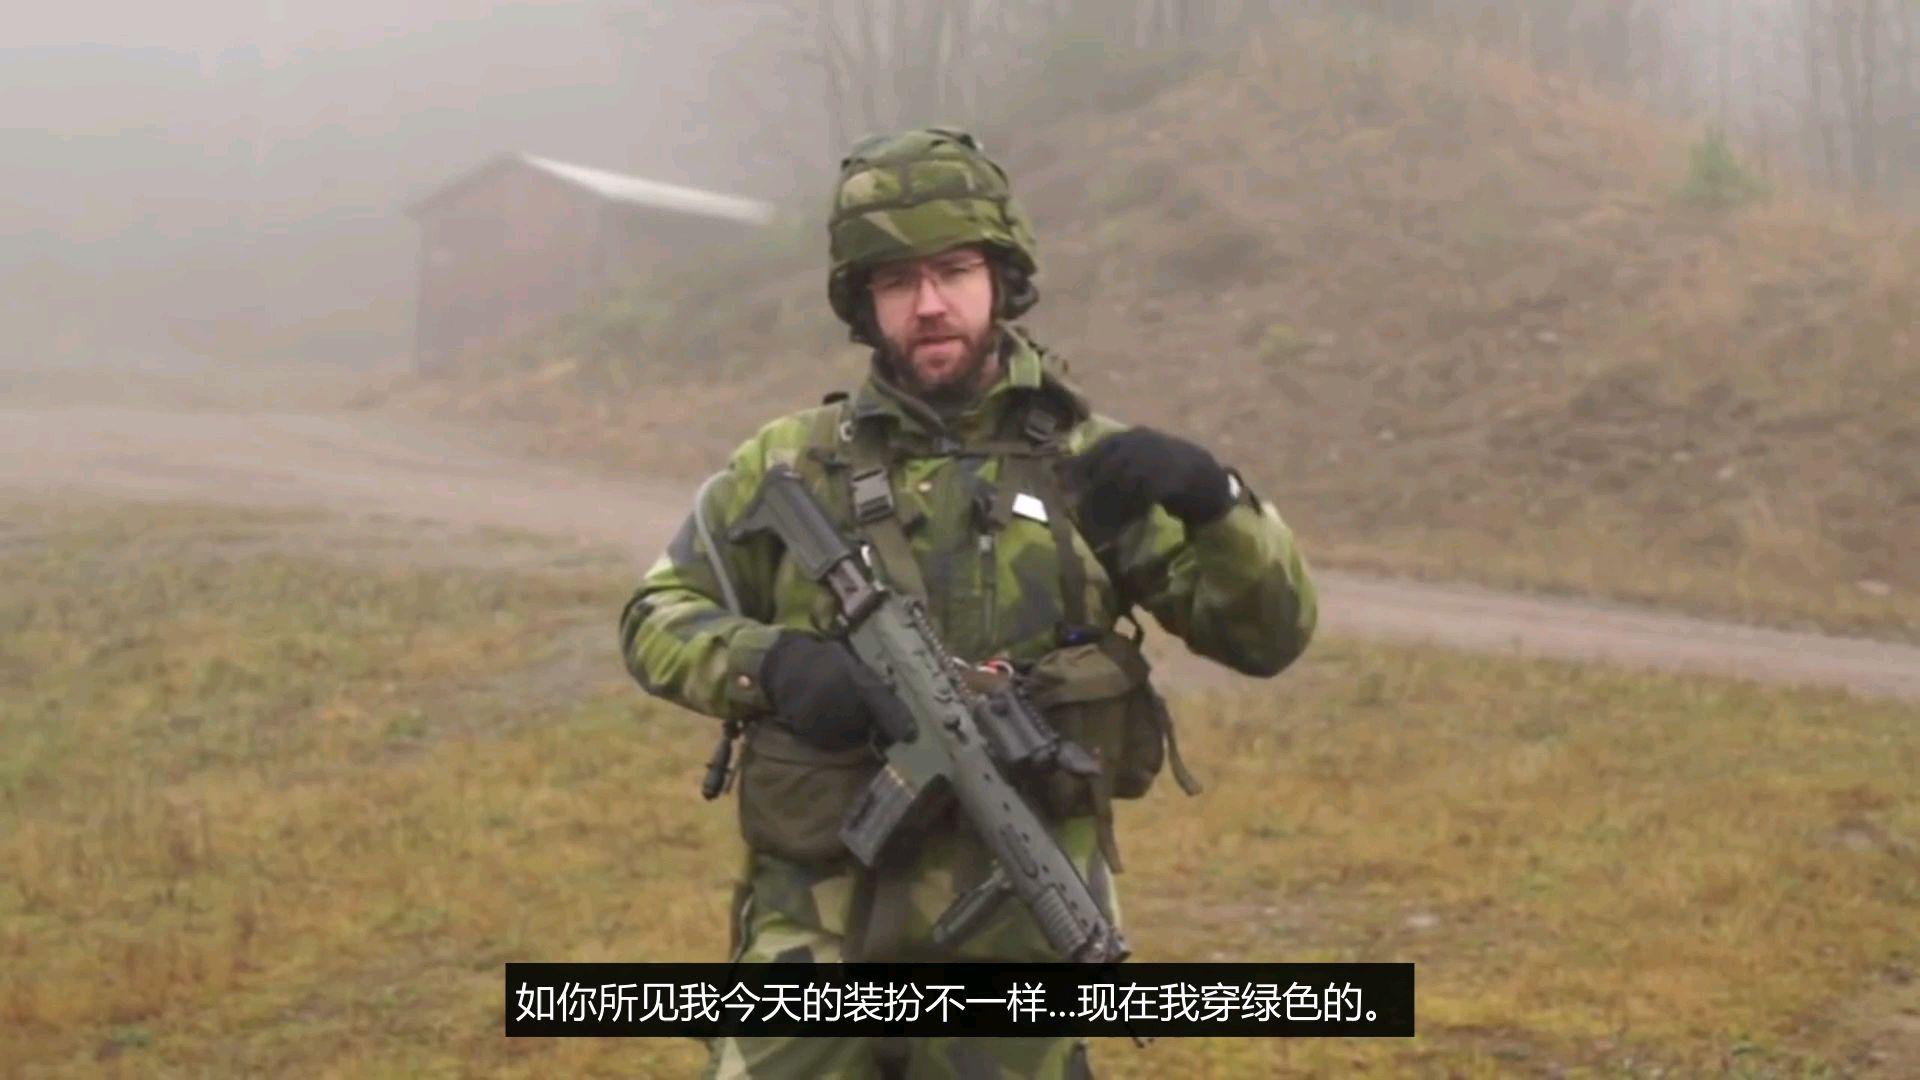 【英语/熟肉】一名瑞典现役军人介绍他的公发AK 5C